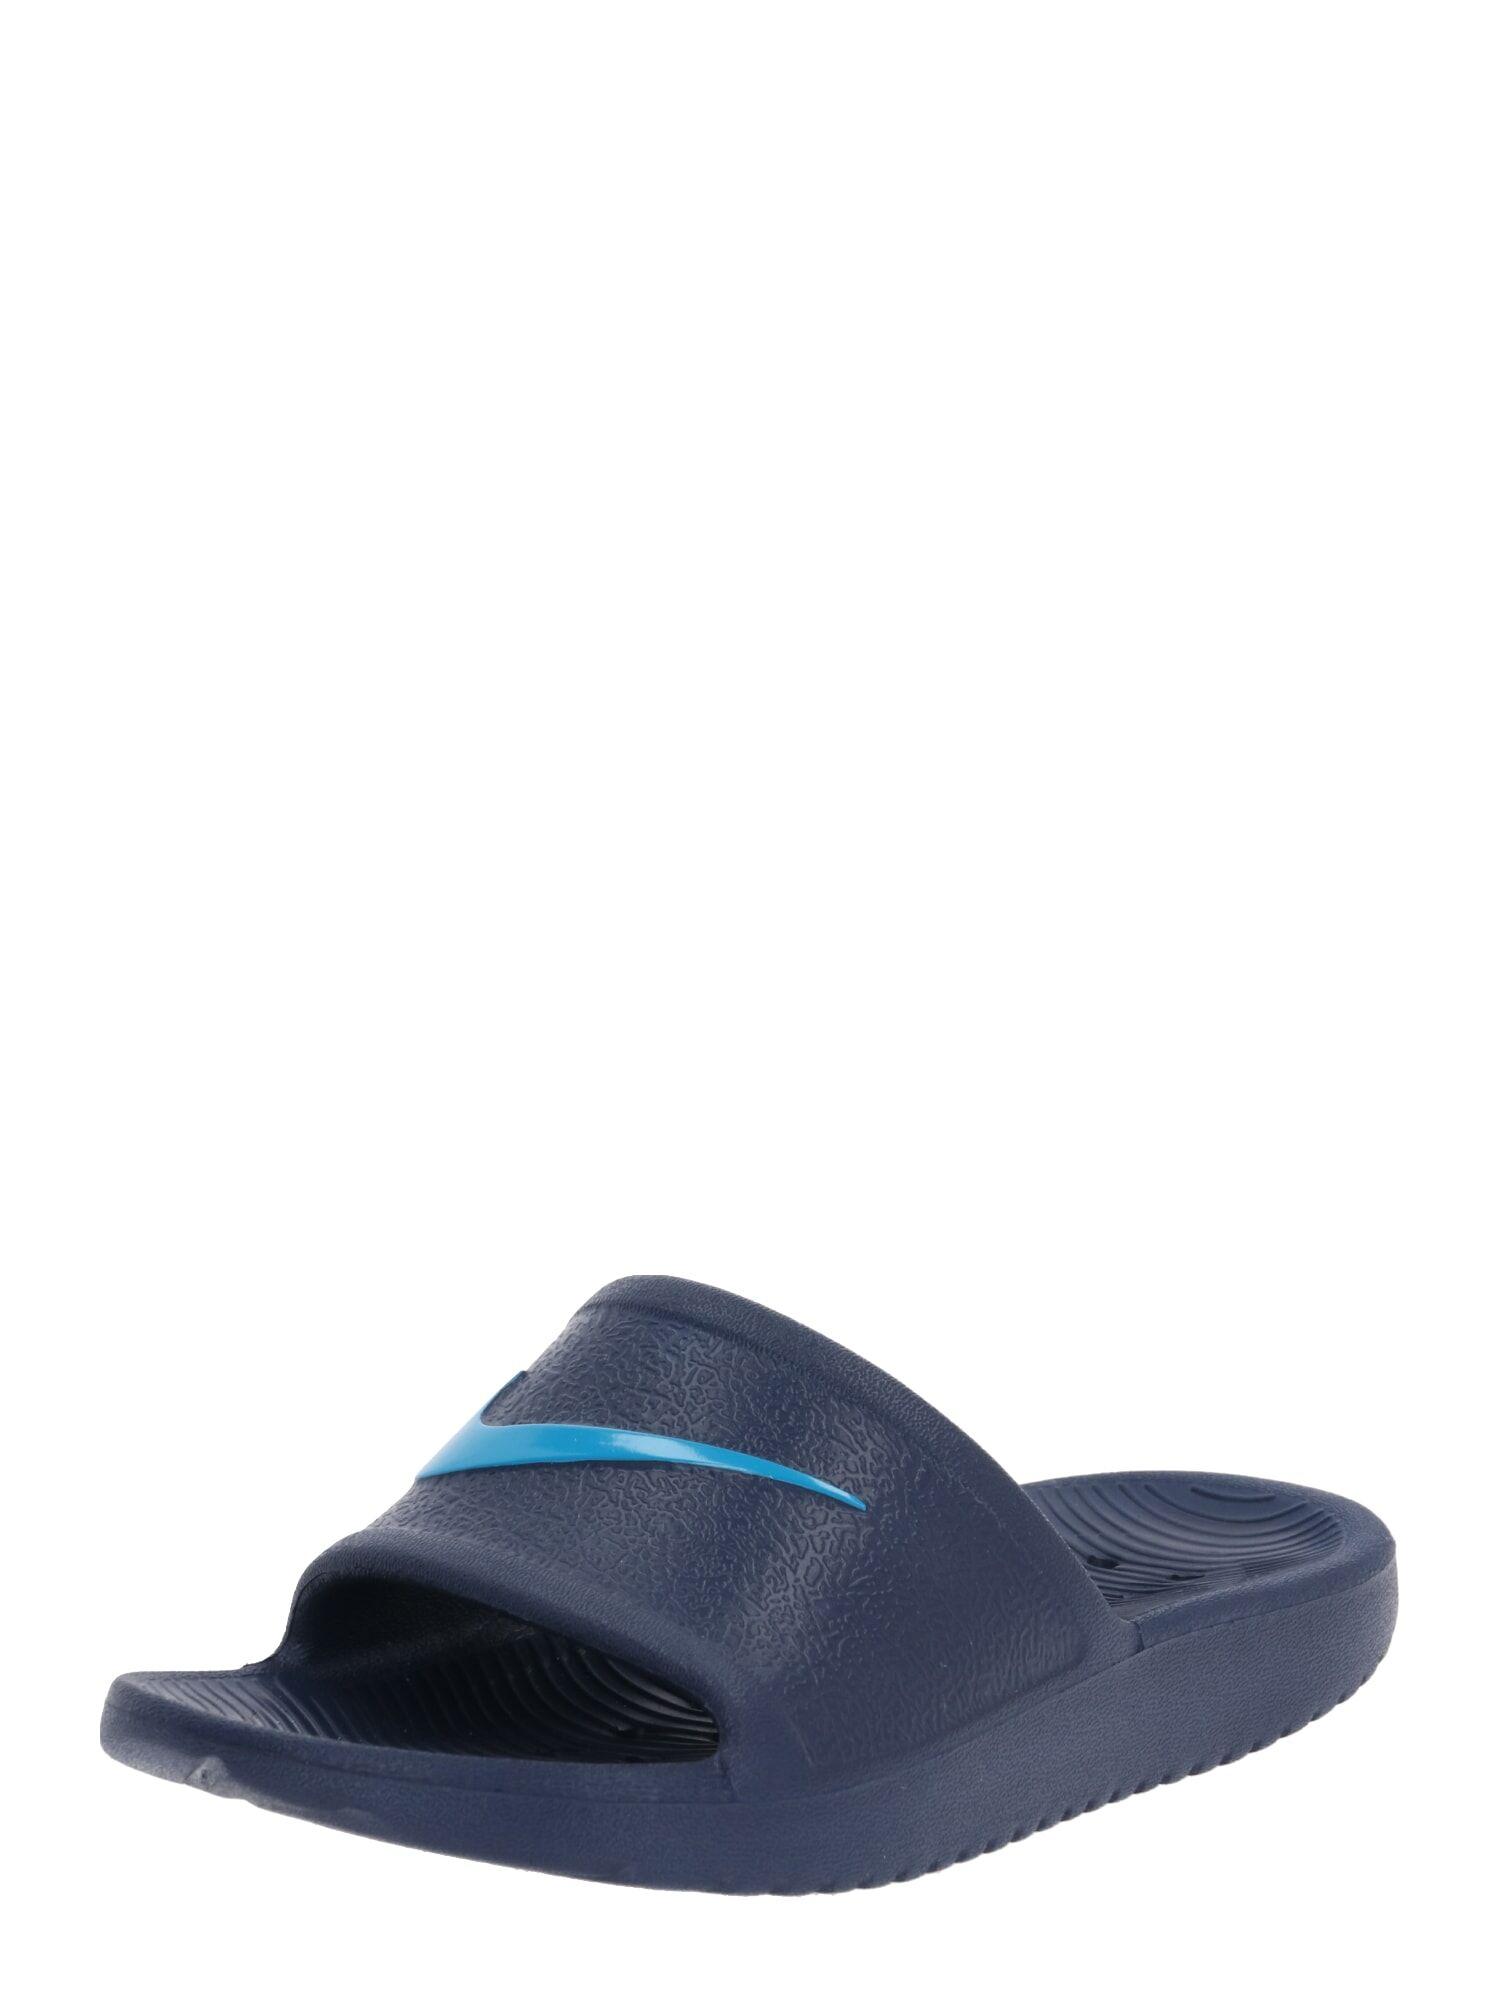 Nike Sportswear Chaussures ouvertes 'KAWA'  - Bleu - Taille: 12C - boy